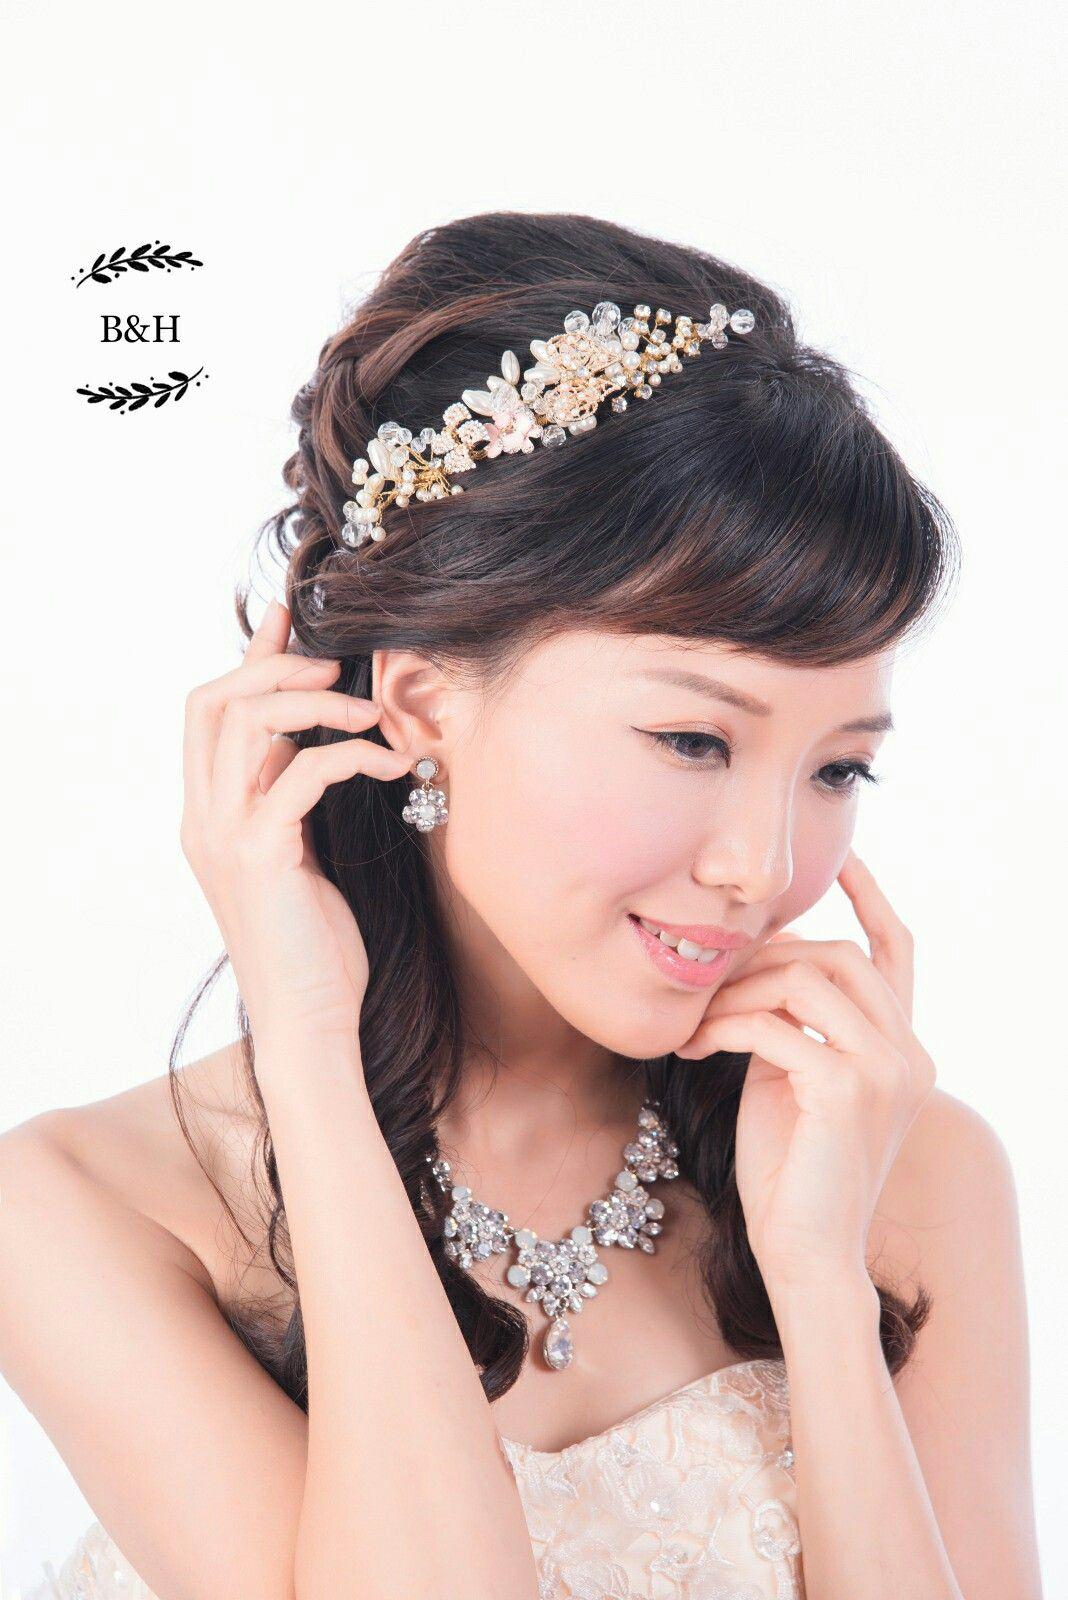 b&h 設計的手工西式頭飾,適合晚裝禮服。人手制作,每個款式一件,是獨一